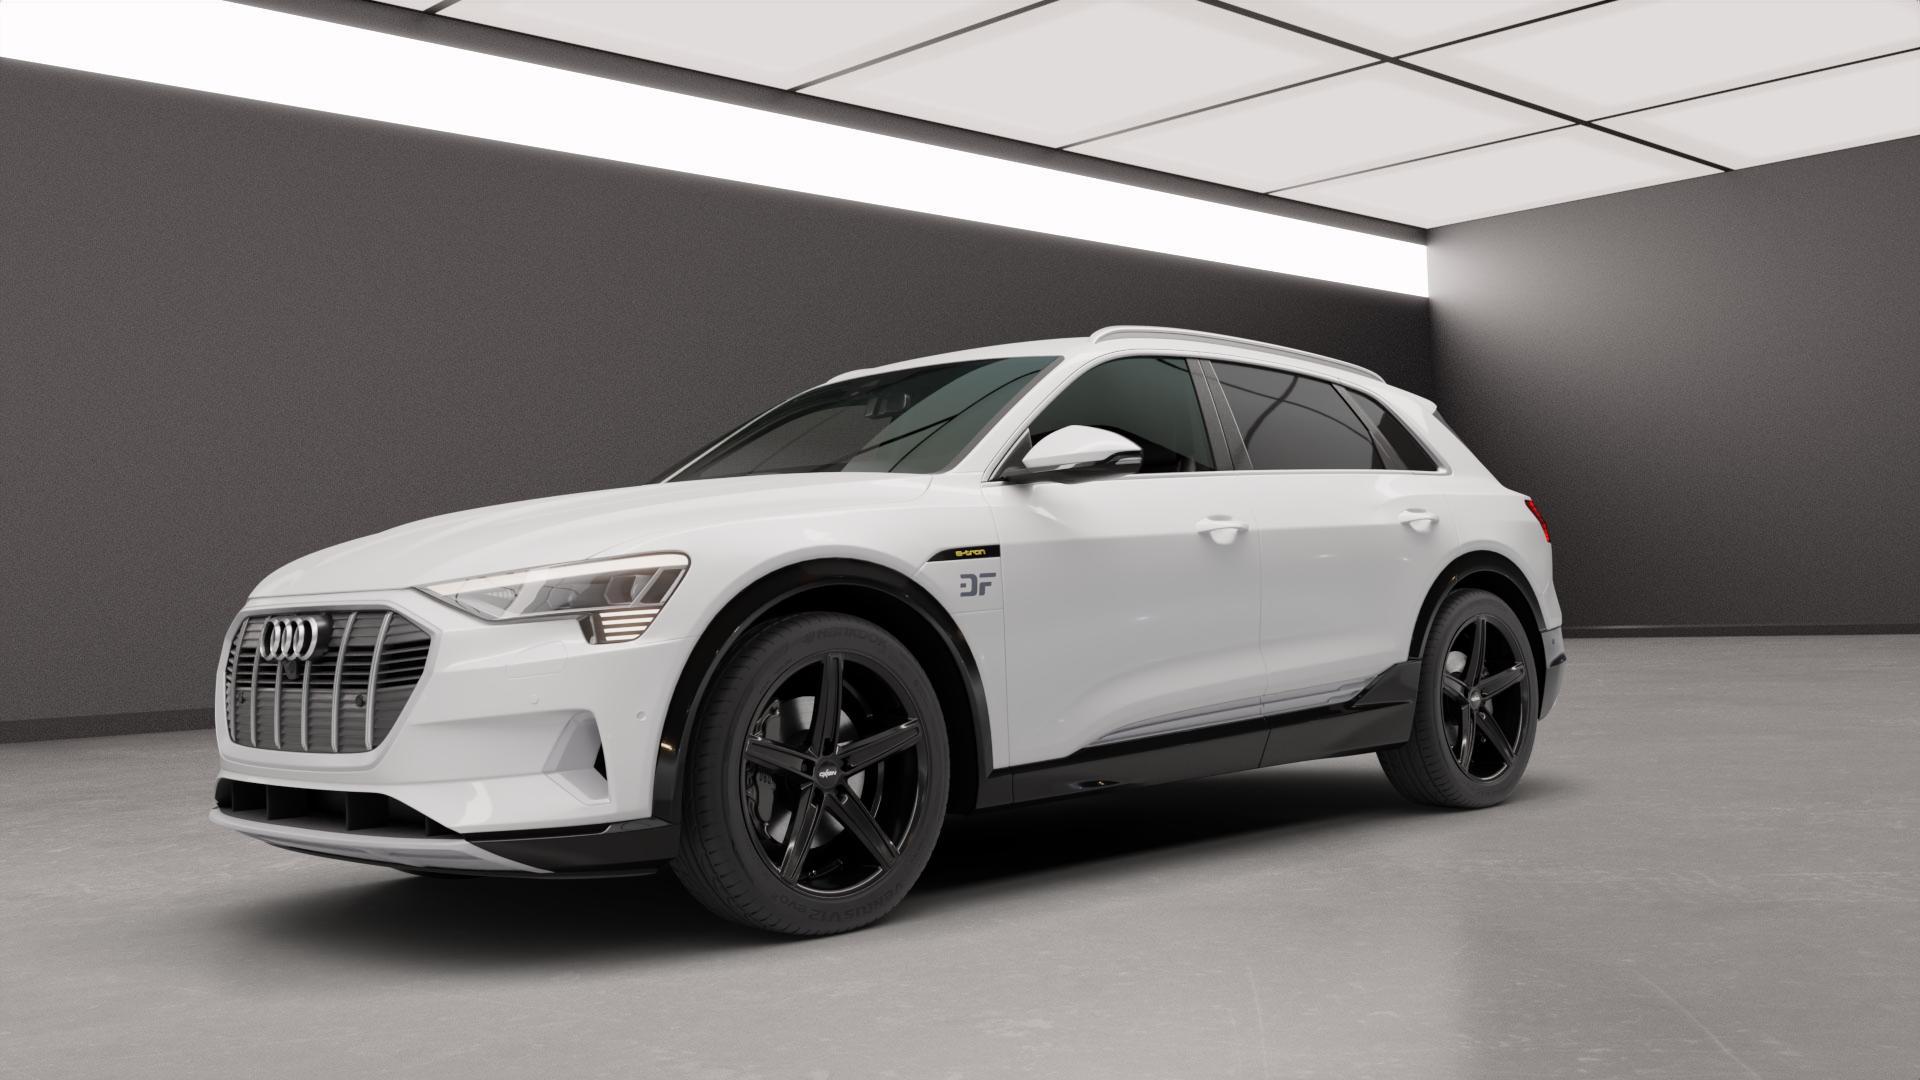 OXIGIN 18 Concave black Felge mit Reifen schwarz in 21Zoll Winterfelge Alufelge auf weissem Audi E-Tron Typ GE S ⬇️ mit 15mm Tieferlegung ⬇️ Neutral_mid_max5300mm Frontansicht_1